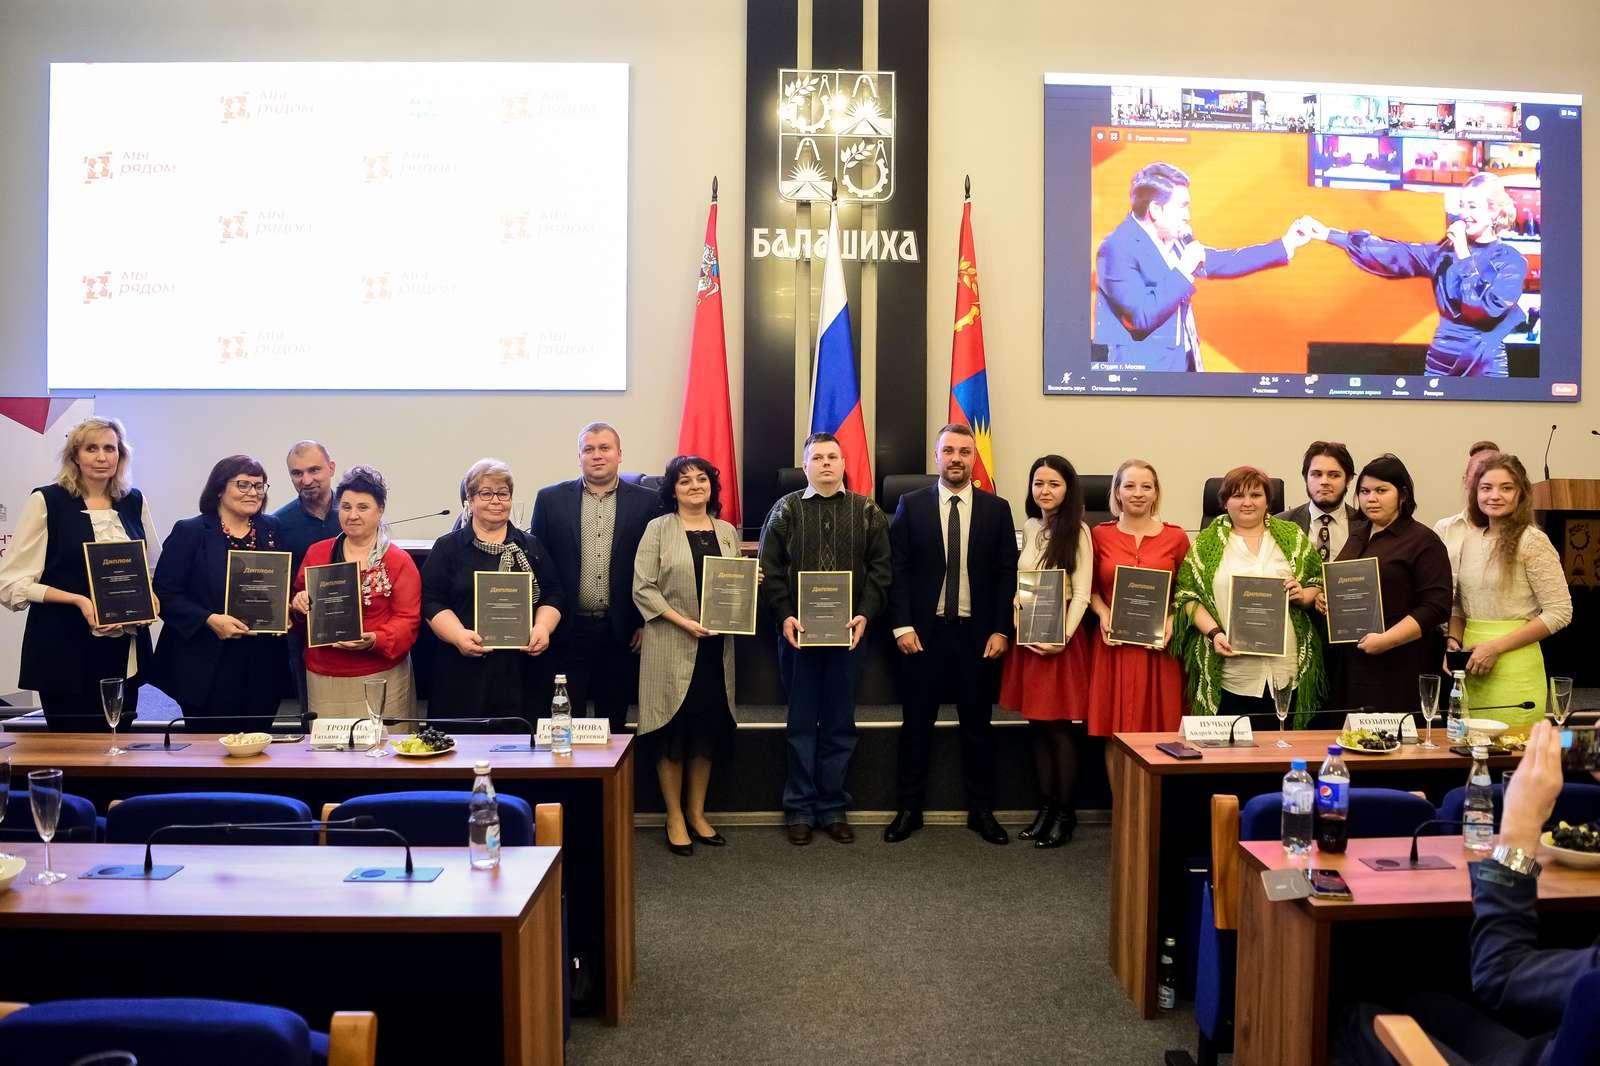 Десять жителей Балашихи стали лауреатами премии «Мы рядом ради перемен» | Изображение 2